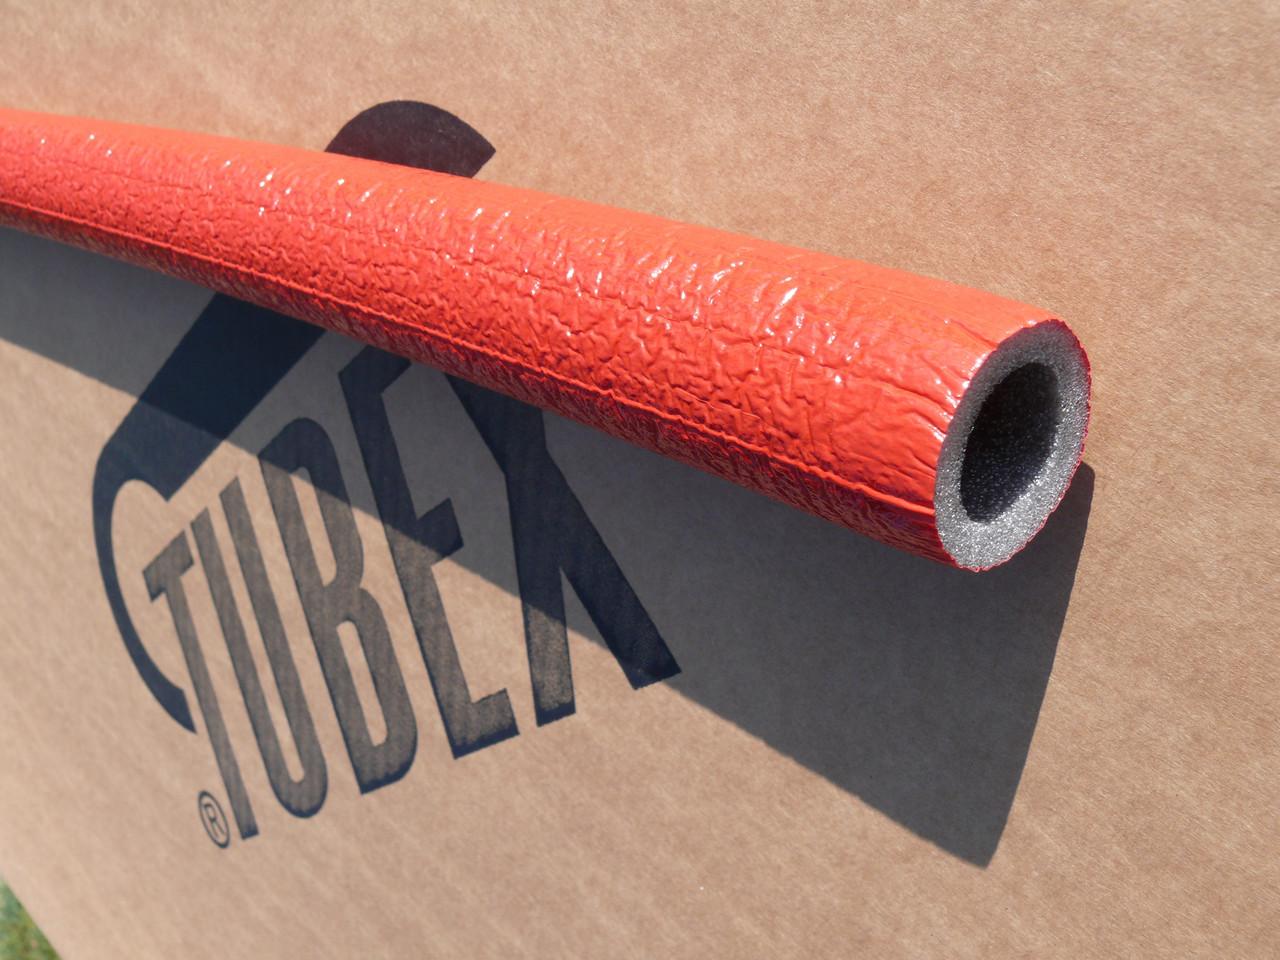 ИЗОЛЯЦИЯ ДЛЯ ТРУБ TUBEX® Protekt, внутренний диаметр 28 мм, толщина стенки 6 мм, производитель Чехия